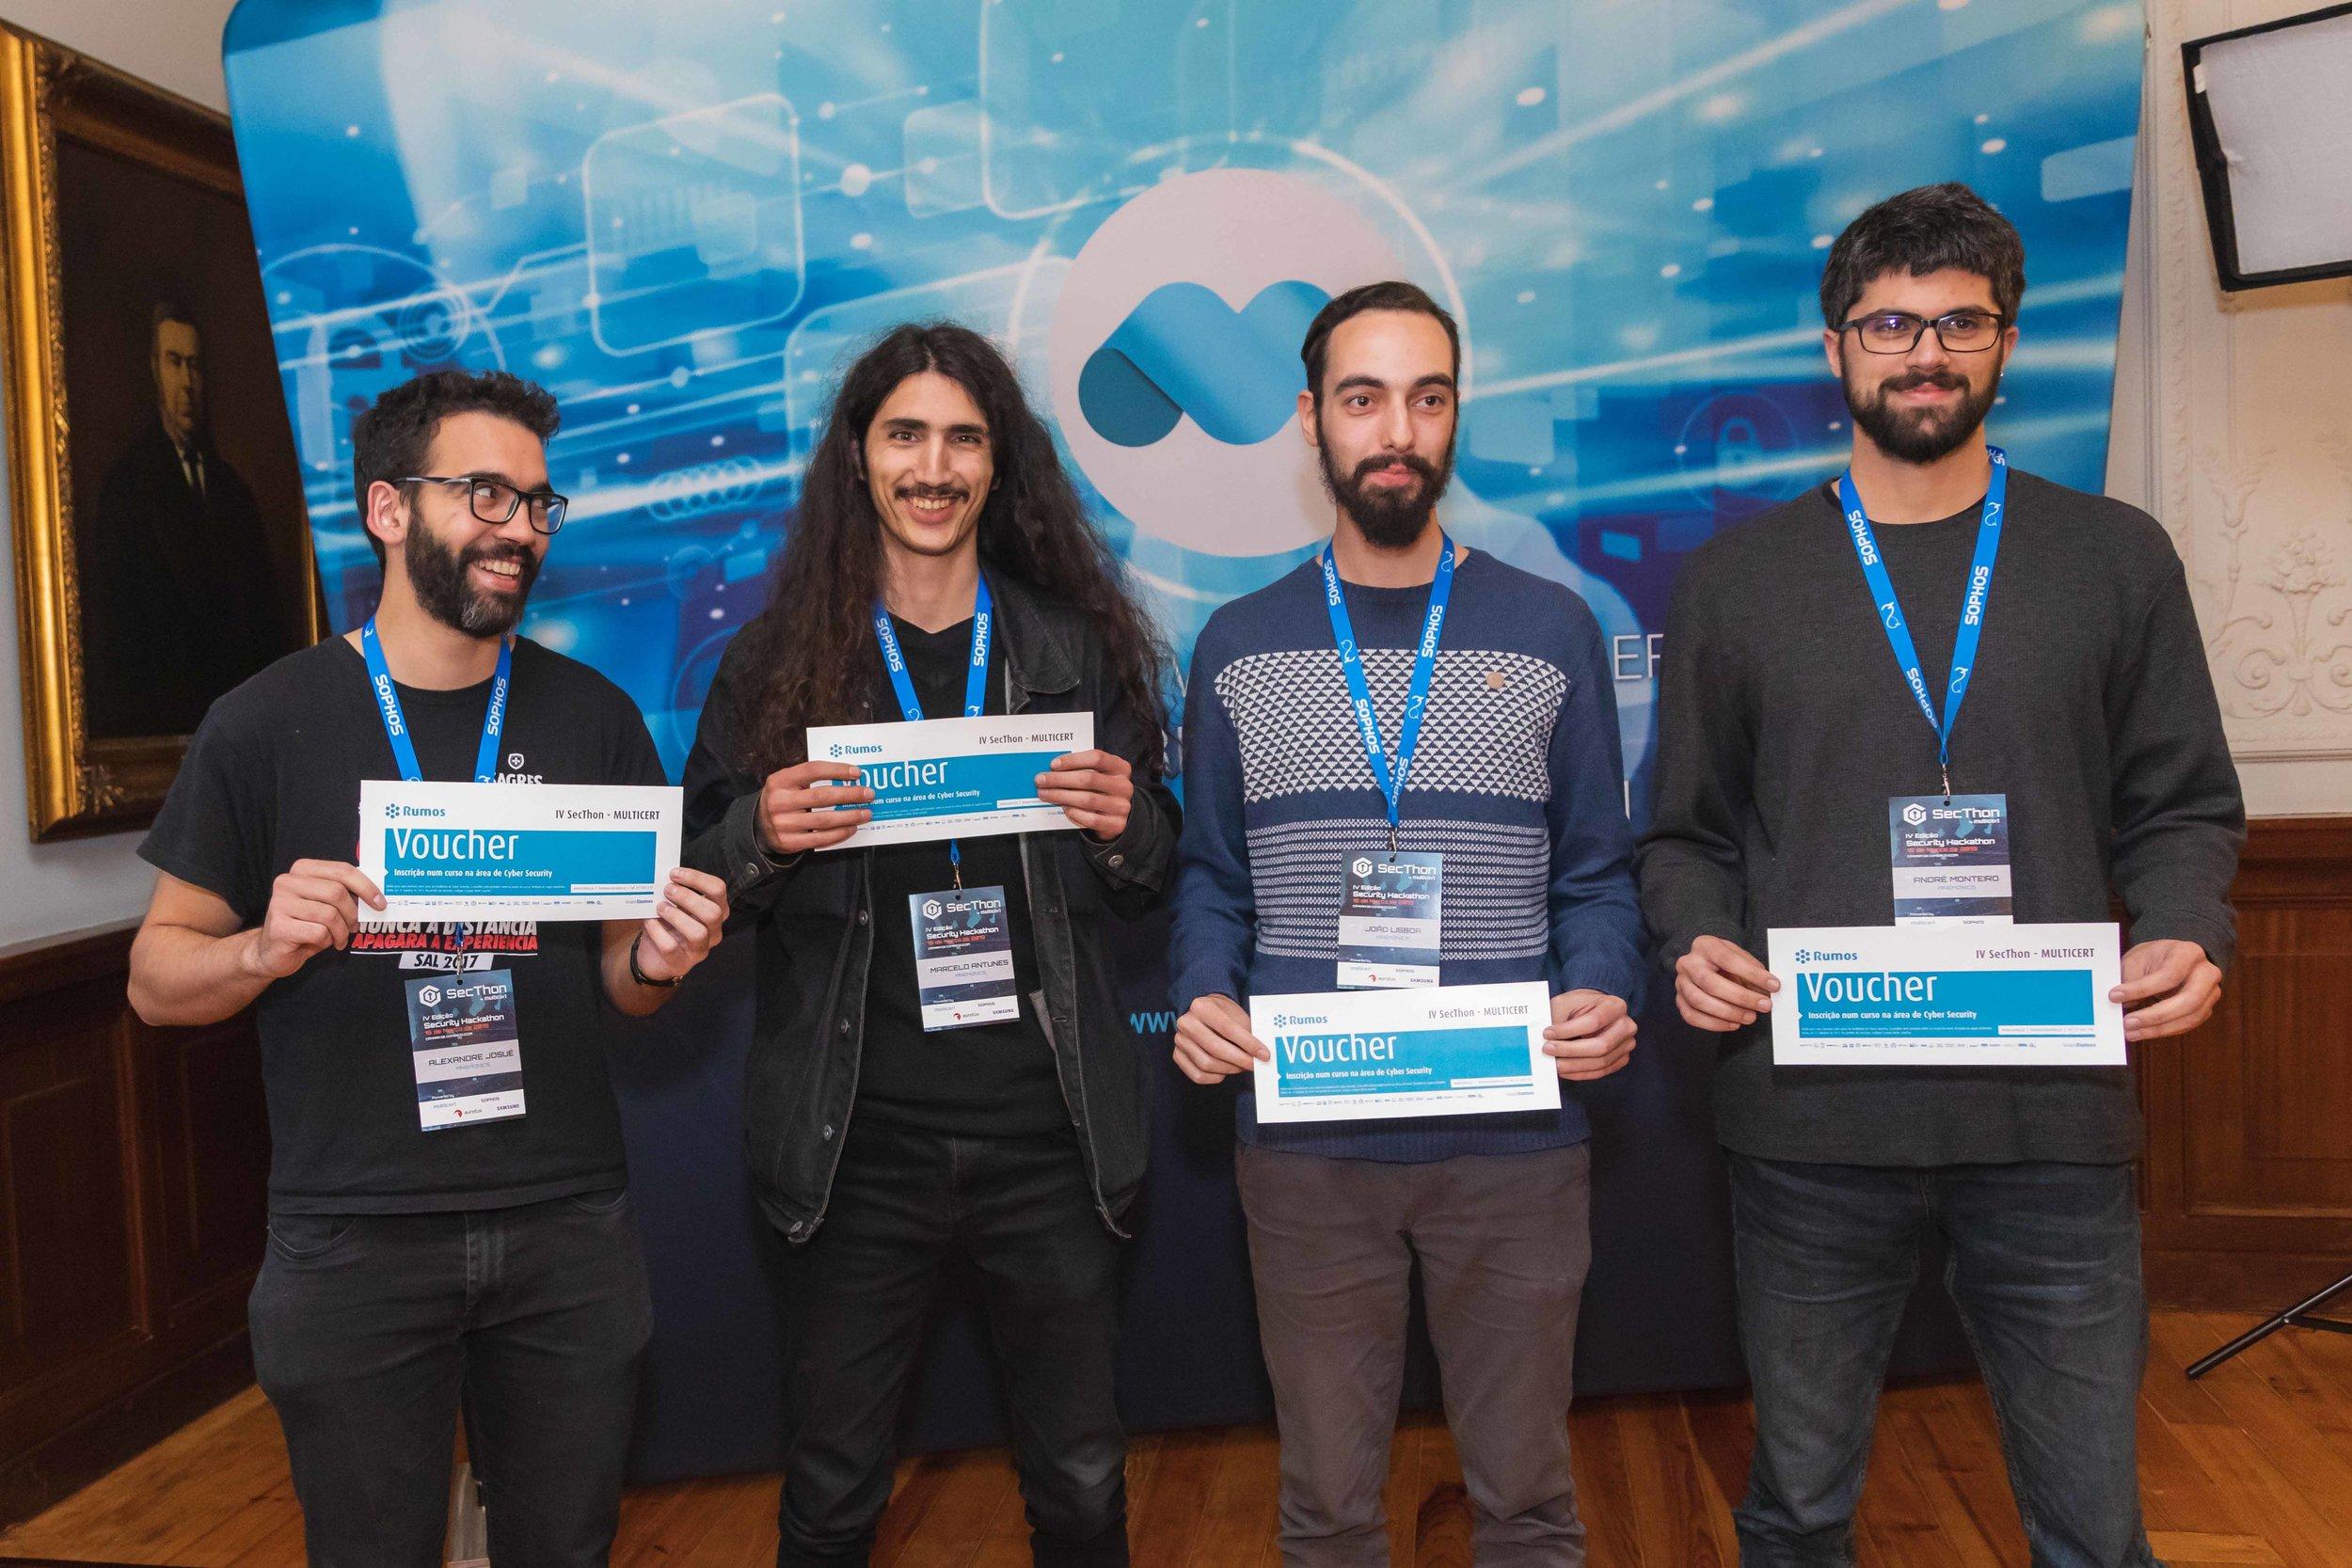 Em primeiro lugar a equipa > Mmemonics   Alexandre Josué, André Monteiro, Tiago Teixeira e João Lisboa   1 curso Rumos por elemento da equipa